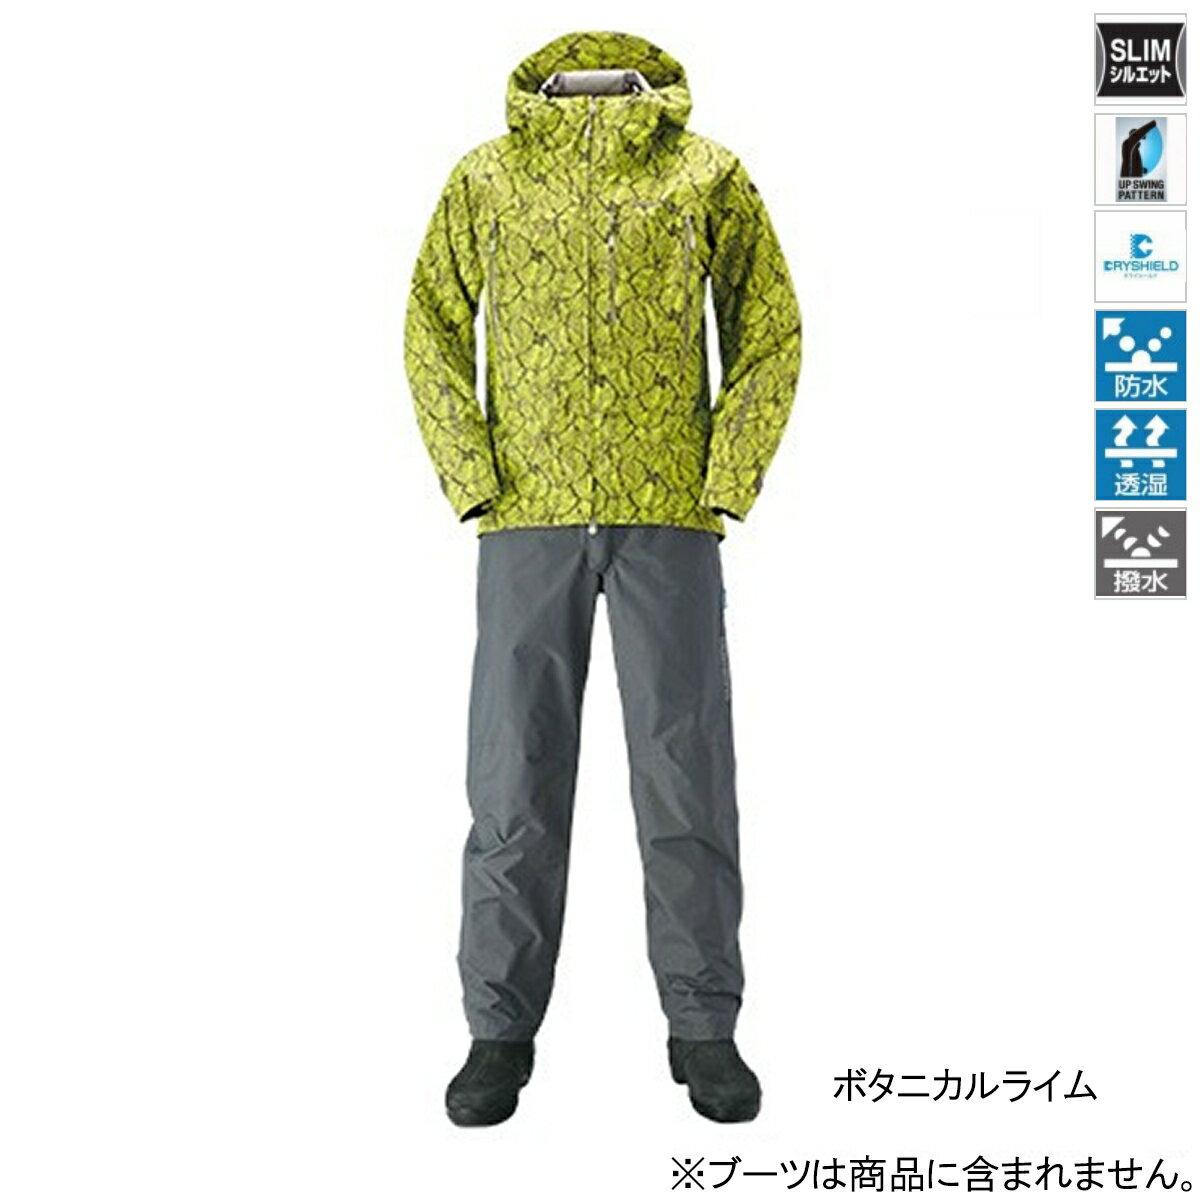 シマノ DSエクスプローラースーツ RA-024S 2XL ボタニカルライム【送料無料】